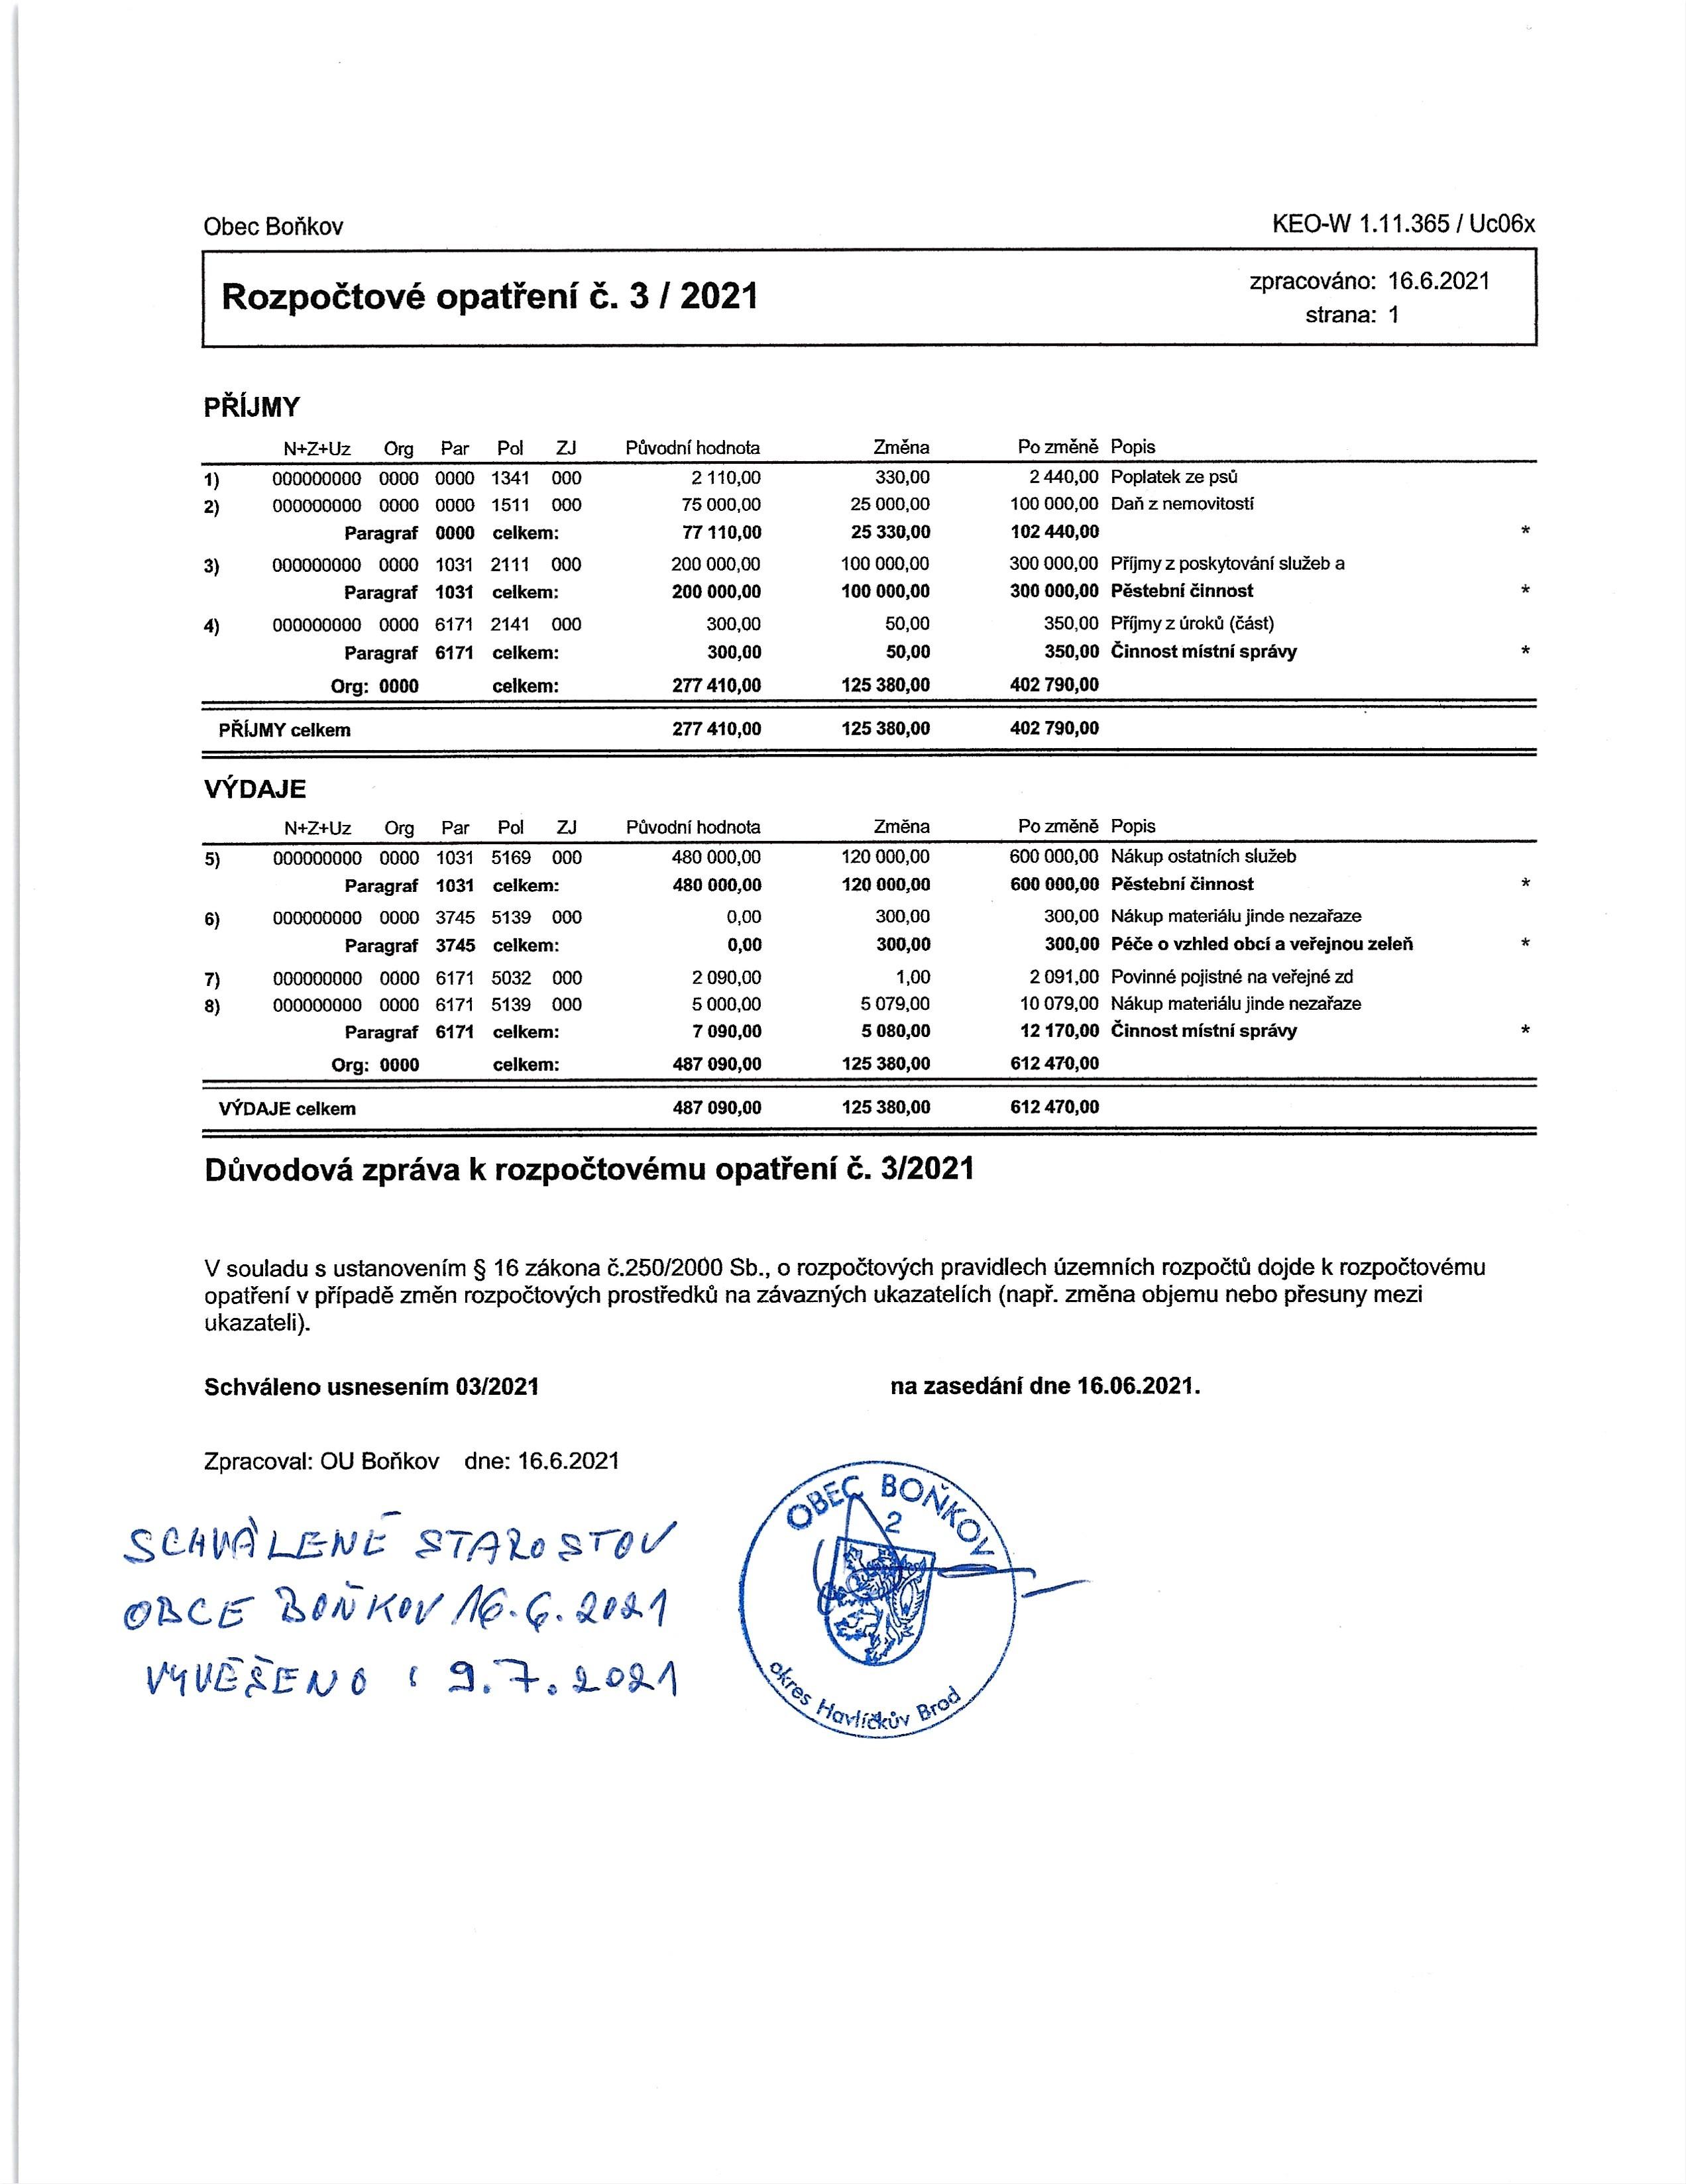 Rozpočtové opatření č.3/2021